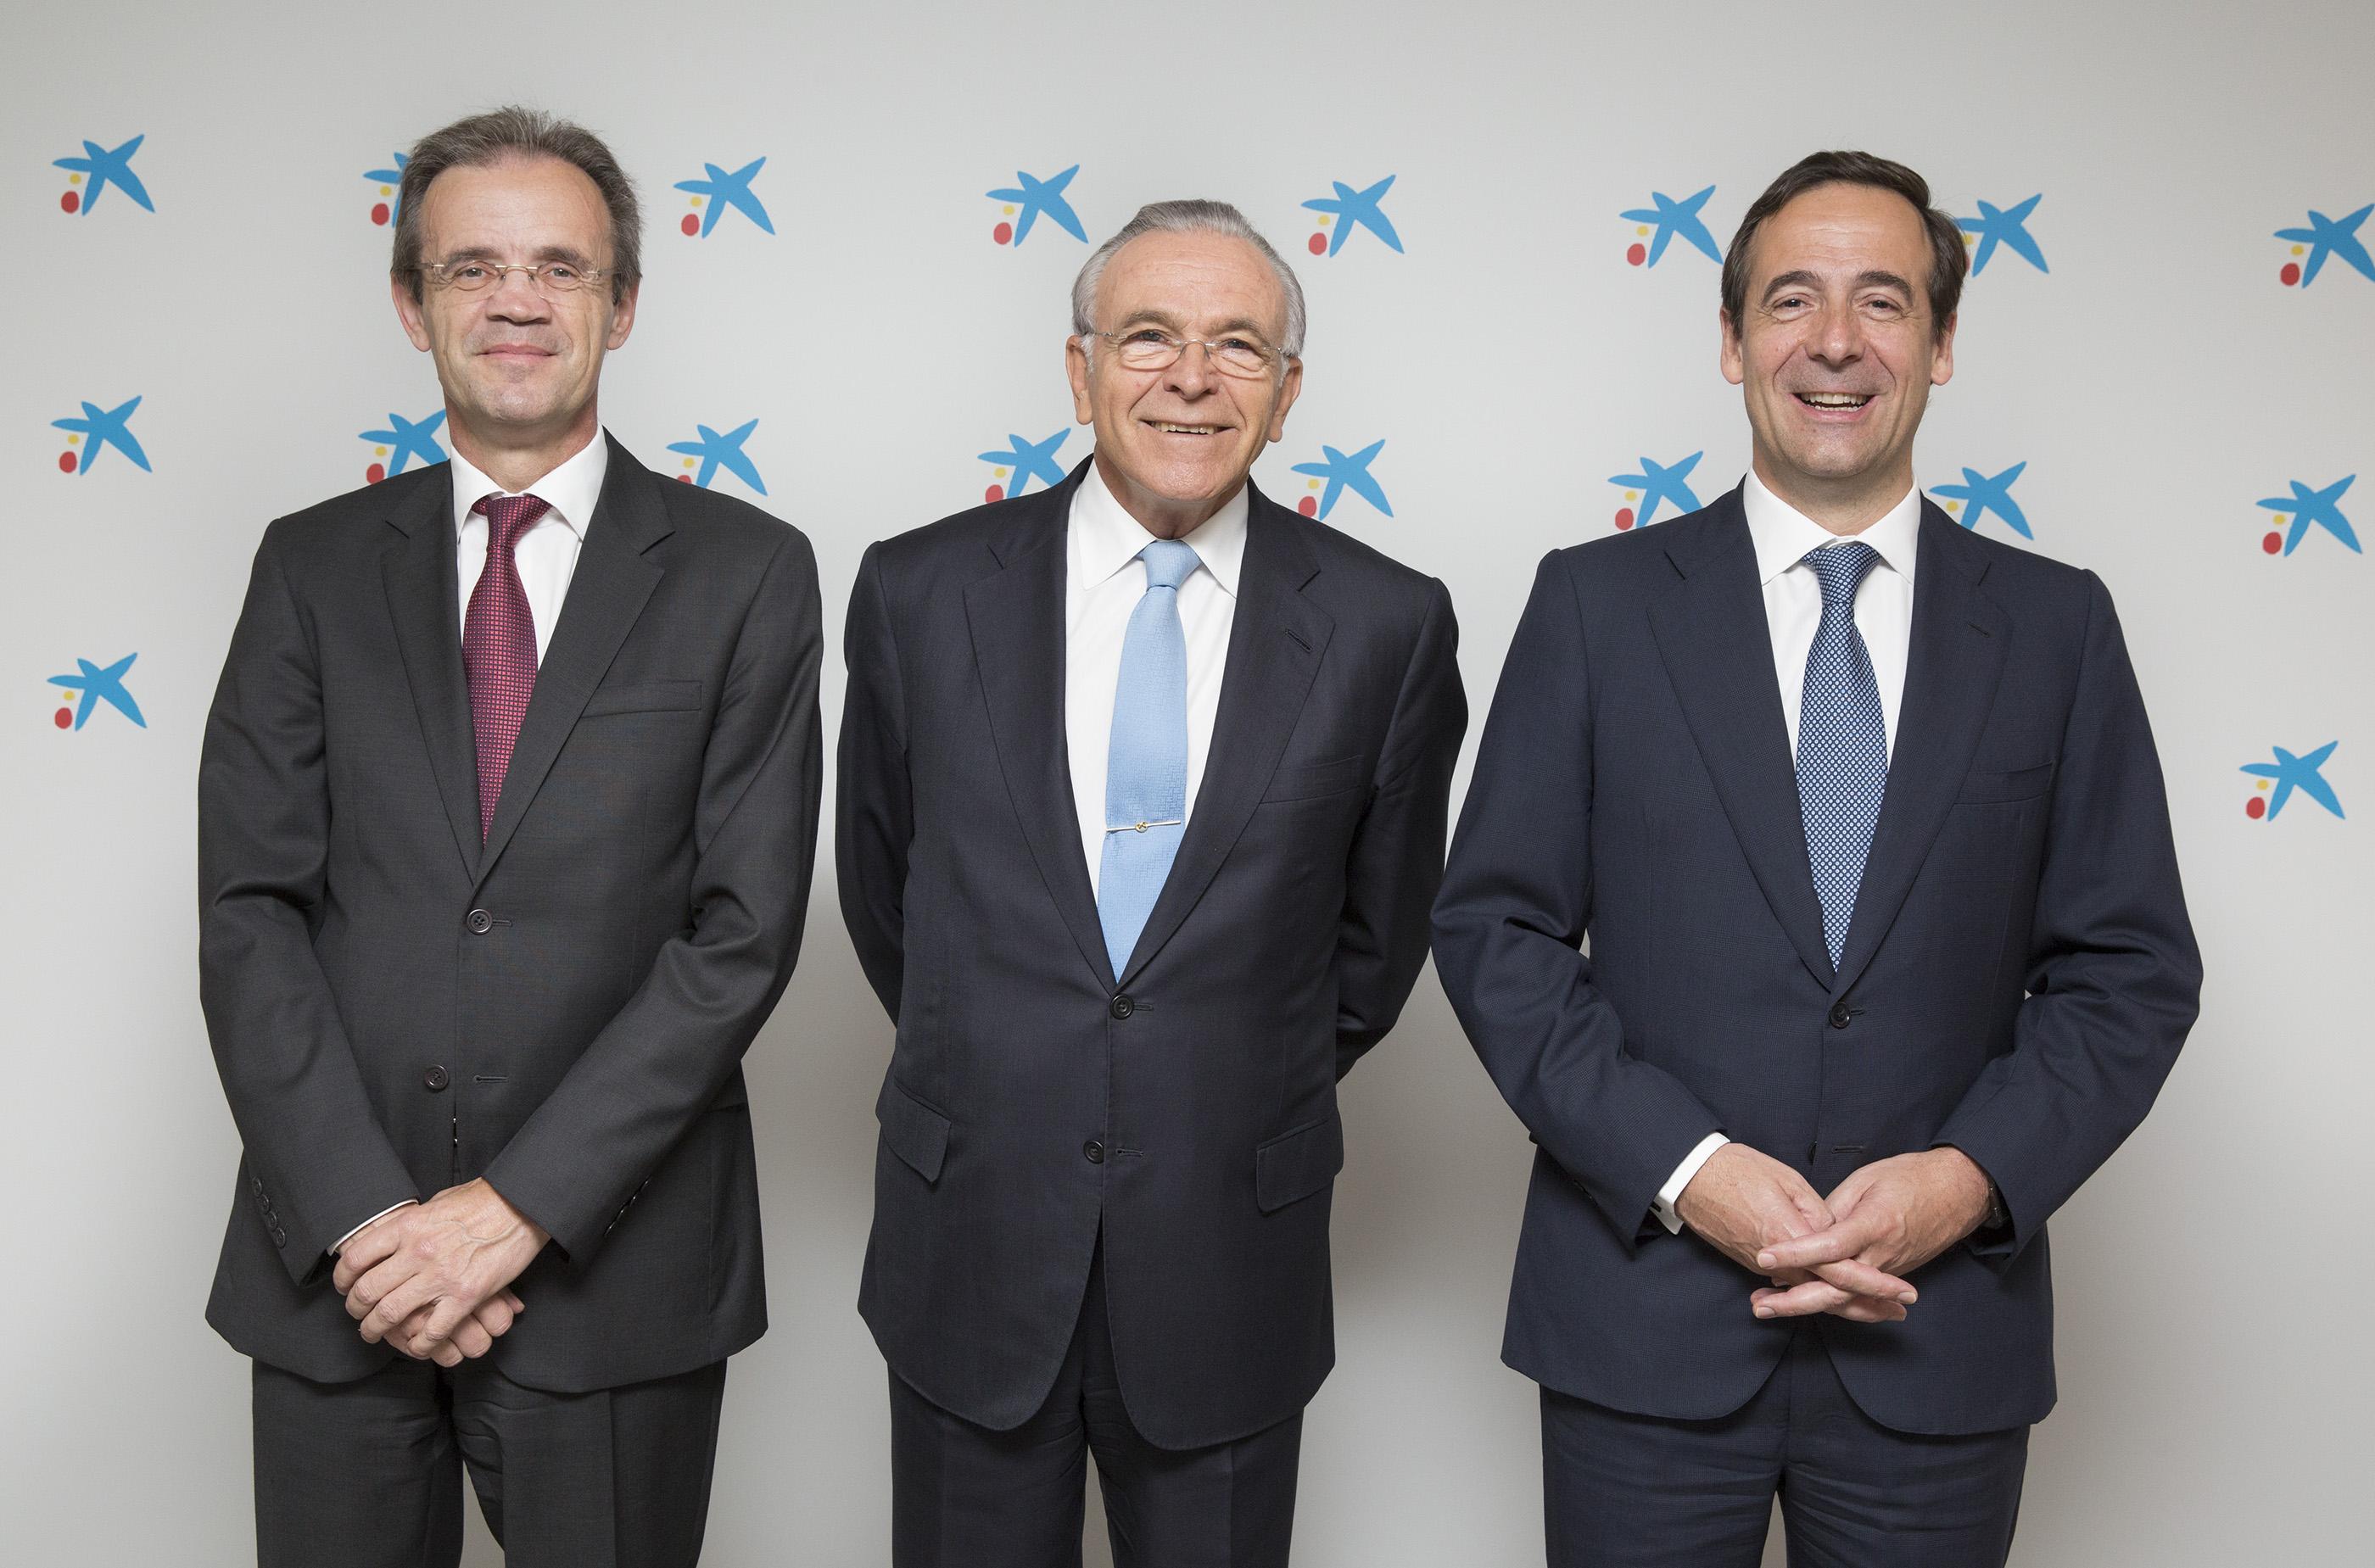 Jordi Gual, presidente de CaixaBank; Isidro Fainé, presidente de la Fundación Bancaria -la Caixa- y Gonzalo Gortázar, consejero delegado de CaixaBank